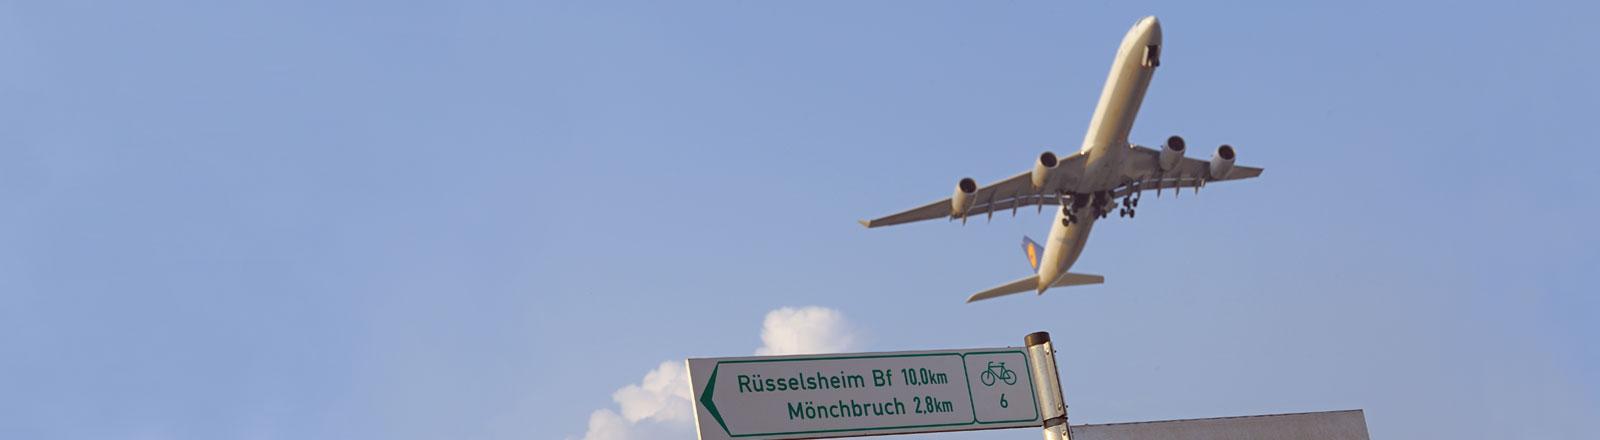 Flugzeug und Fahradweg-Schild